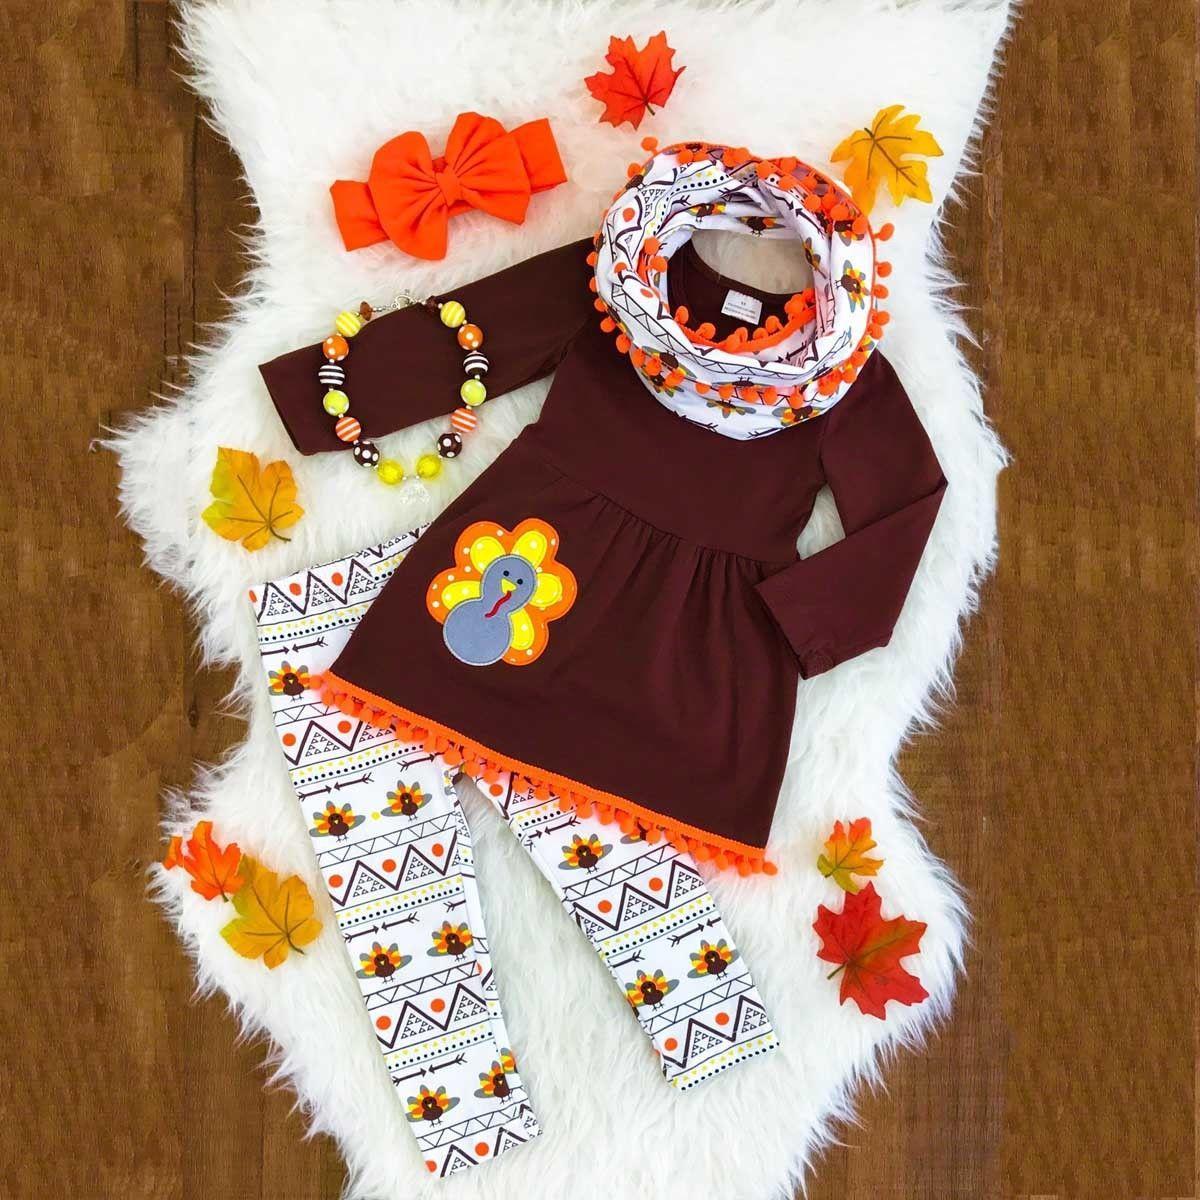 Día de Acción de Gracias Niños Niñas Ropa de bebé T-shirt Tops Vestido + Pantalones Largos Conjunto de Ropa para Niños Niñas Otoño Boutique